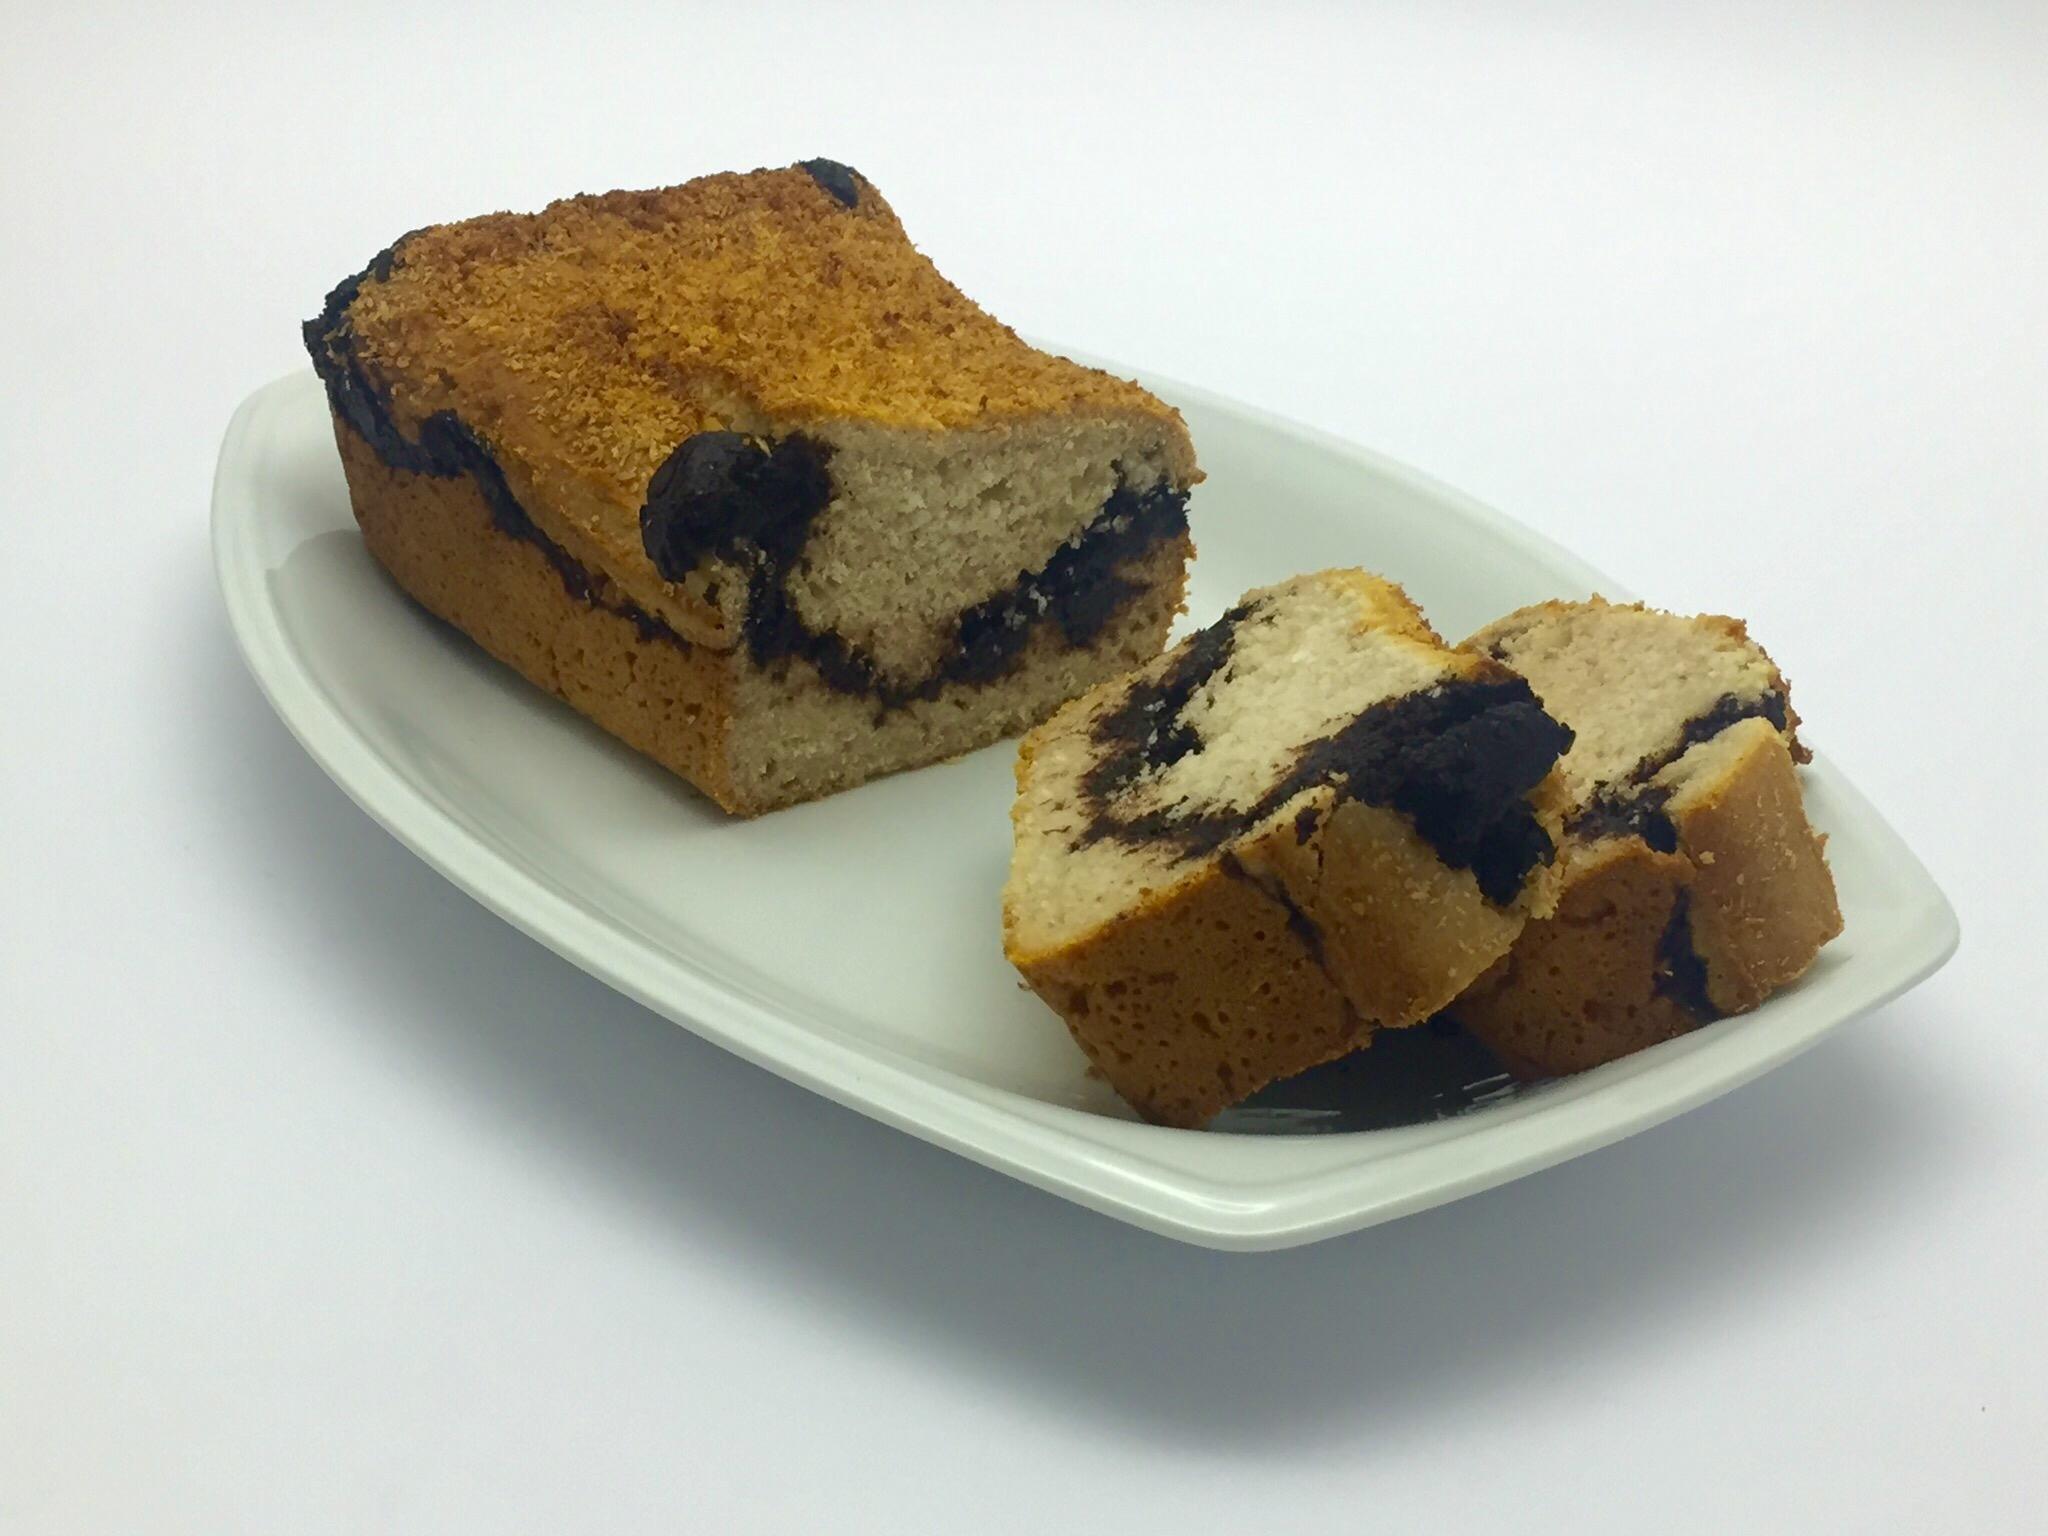 19 novembre 2016  - Pane al cocco di Benedetta Parodi, ma senza glutine e con cuore di cacao